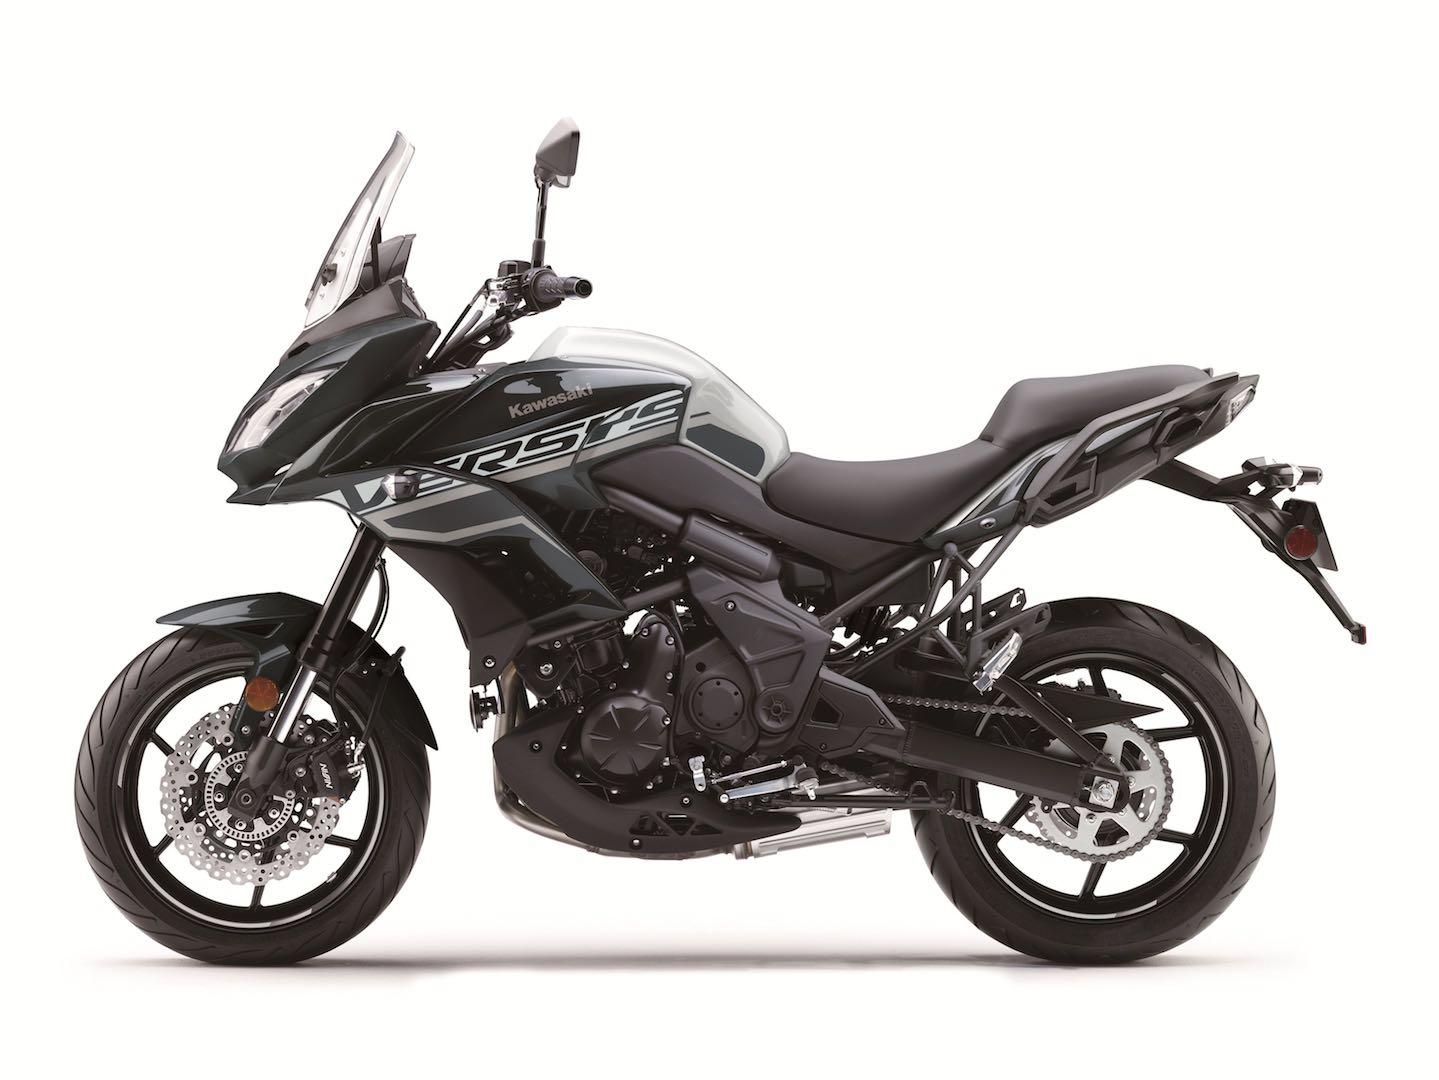 2020 Kawasaki Versys 650 price